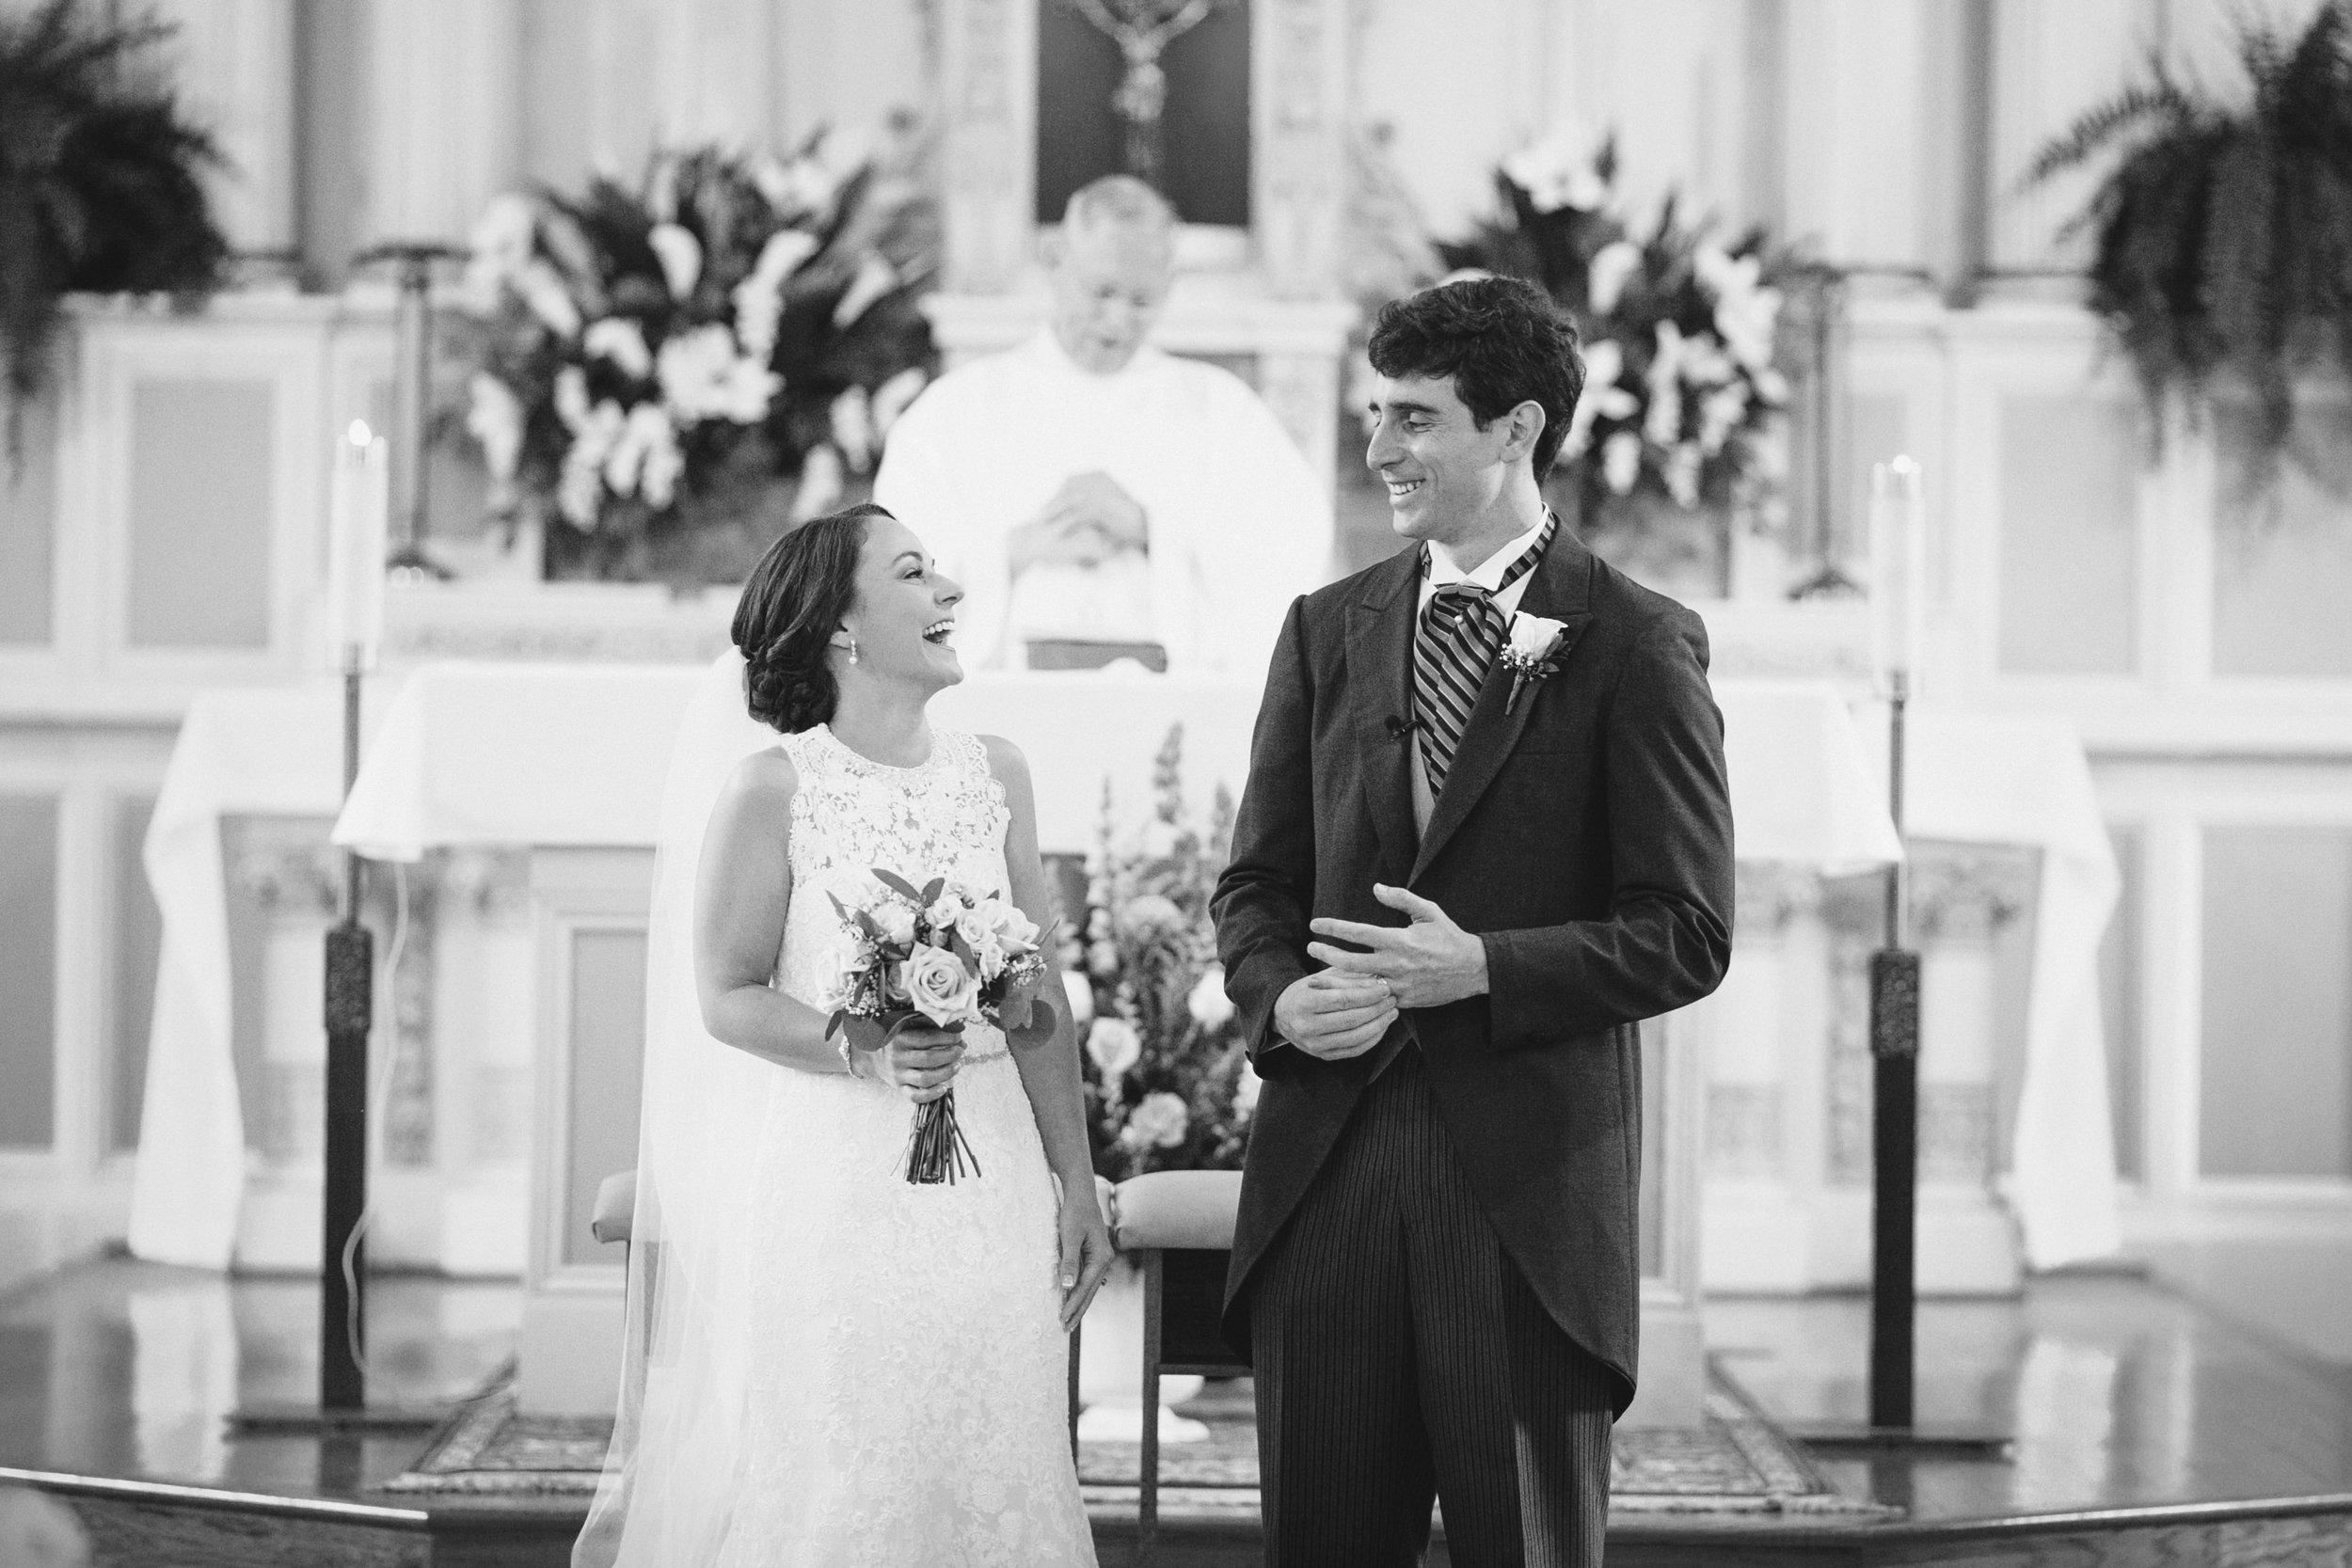 Ducote_Naccari_wedding_0438bw.jpg